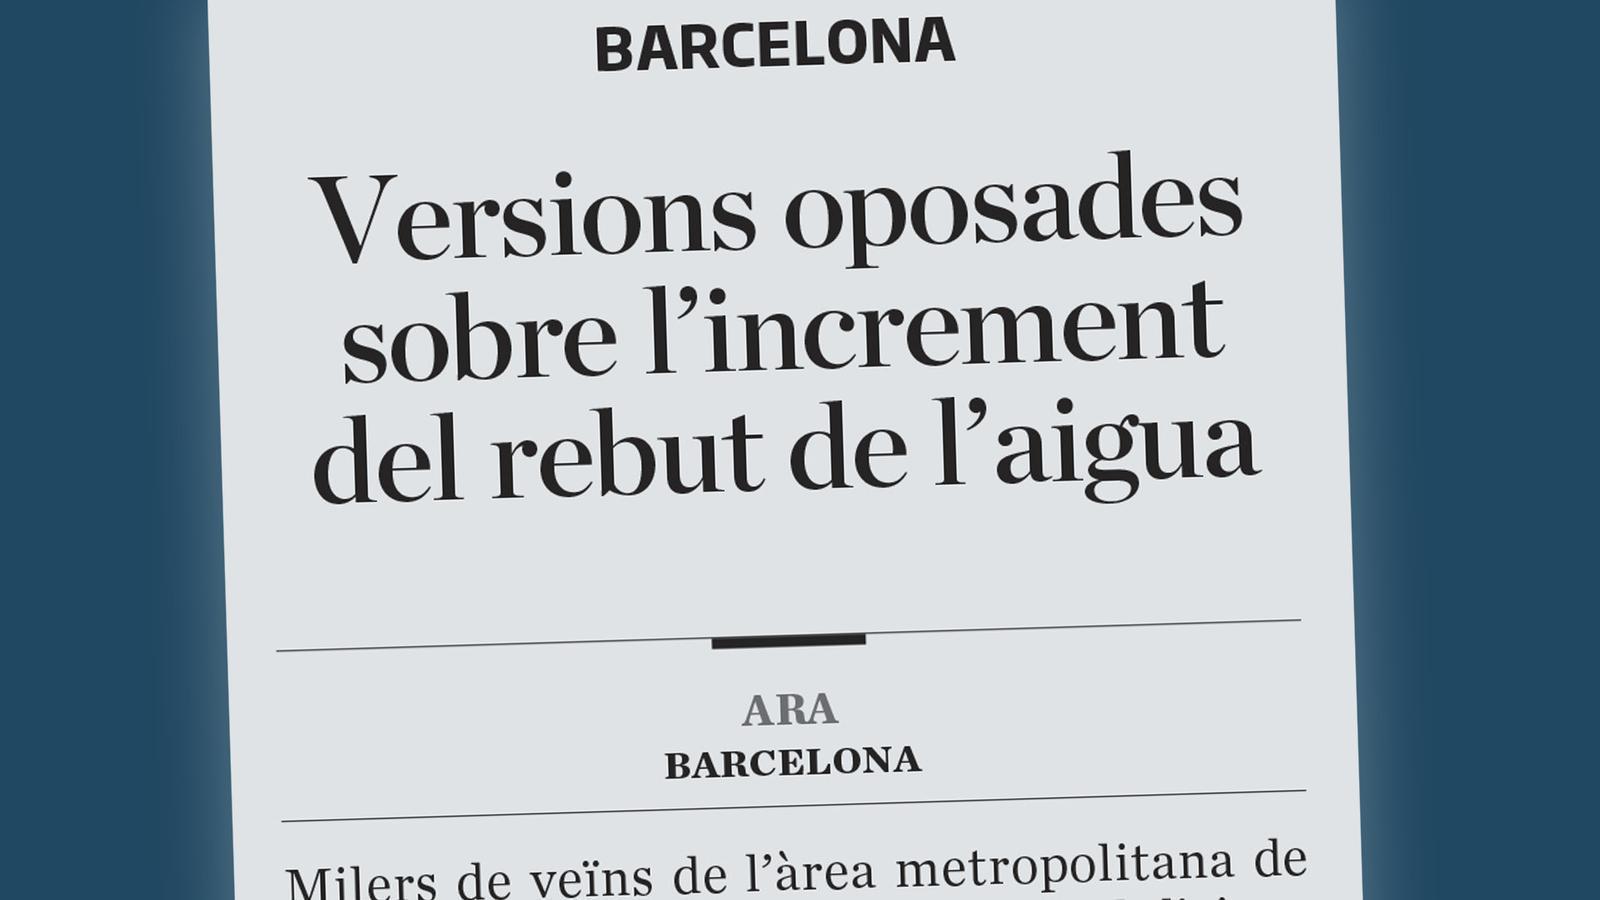 La baixa laboral dels pares quan les criatures estiguin en quarantena, per què s'enfila el rebut de l'aigua a Barcelona, i reunió Josep Maria Bartomeu-Jorge Messi: les claus del dia, amb Antoni Bassas (02/09/2020)